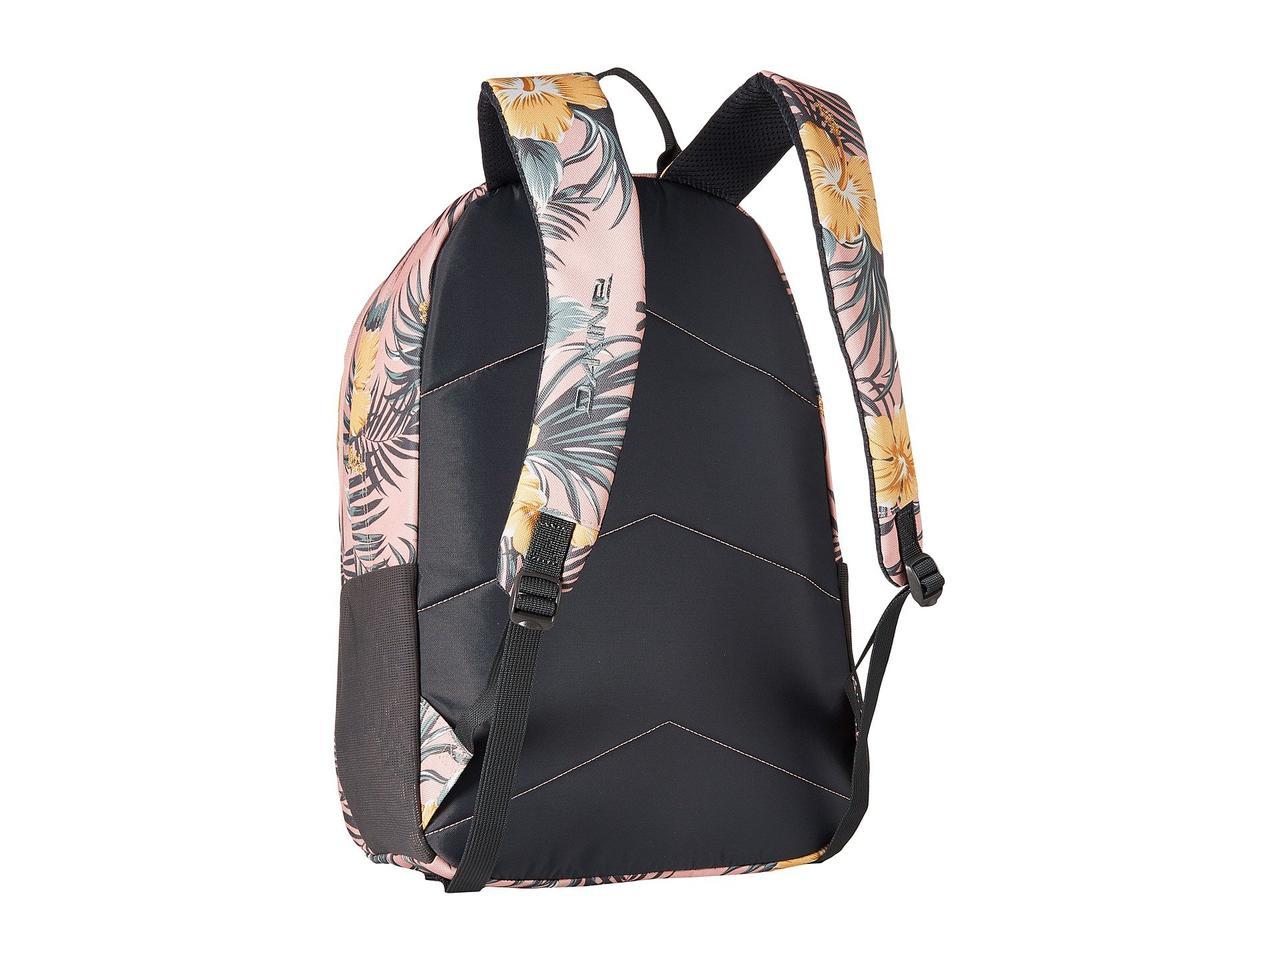 Рюкзак (Оригинал) Dakine Byron Backpack 22L Hanalei  продажа dc7088626df